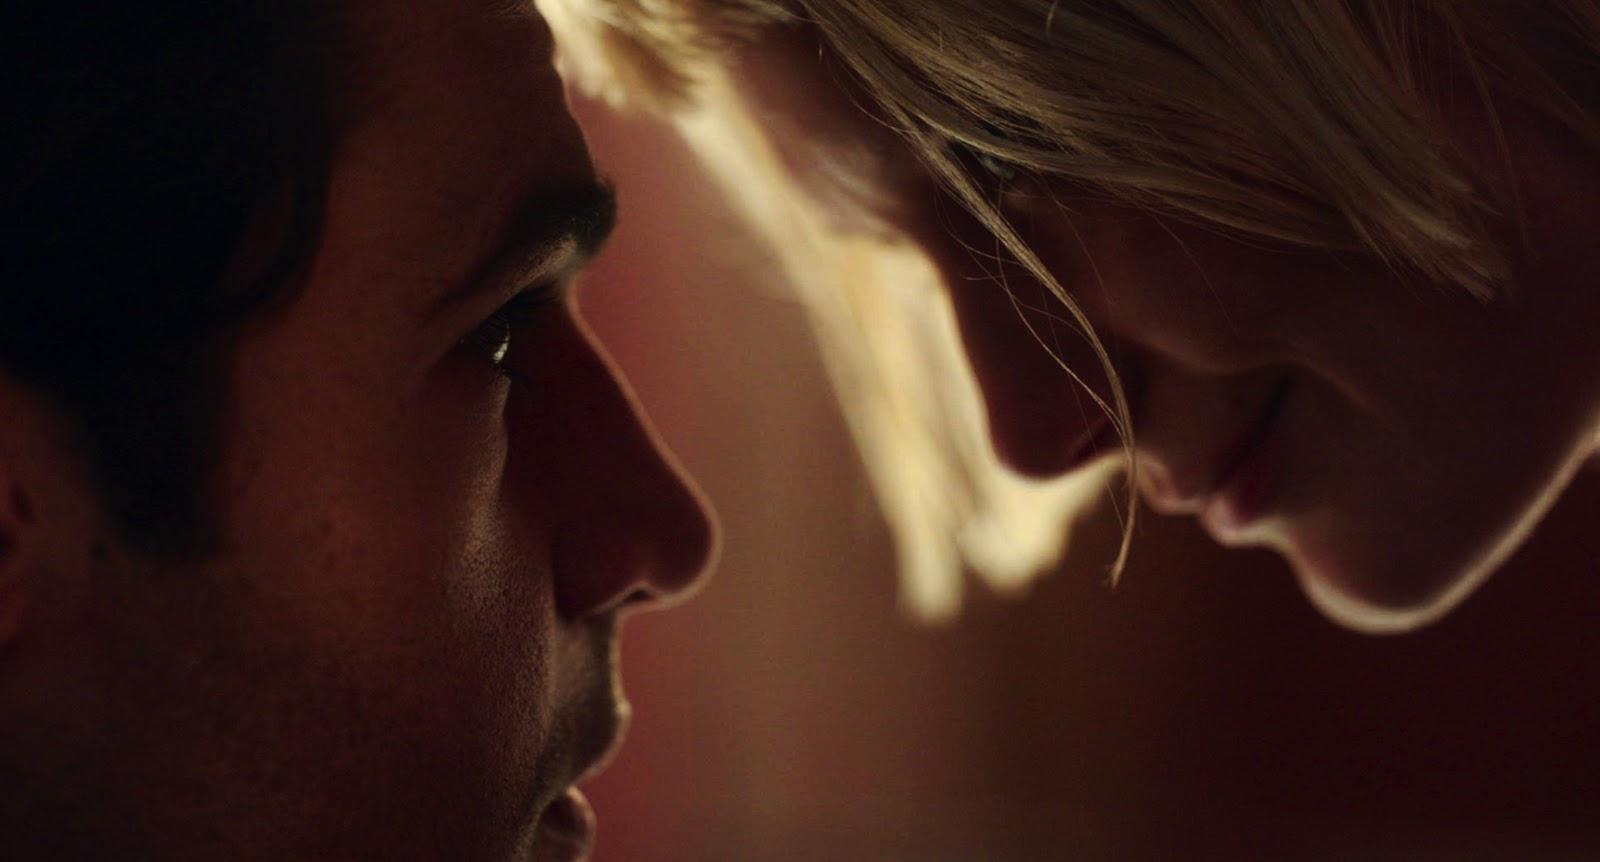 Piercing è il nuovo film disturbante con Mia Wasikowska | Collater.al 2